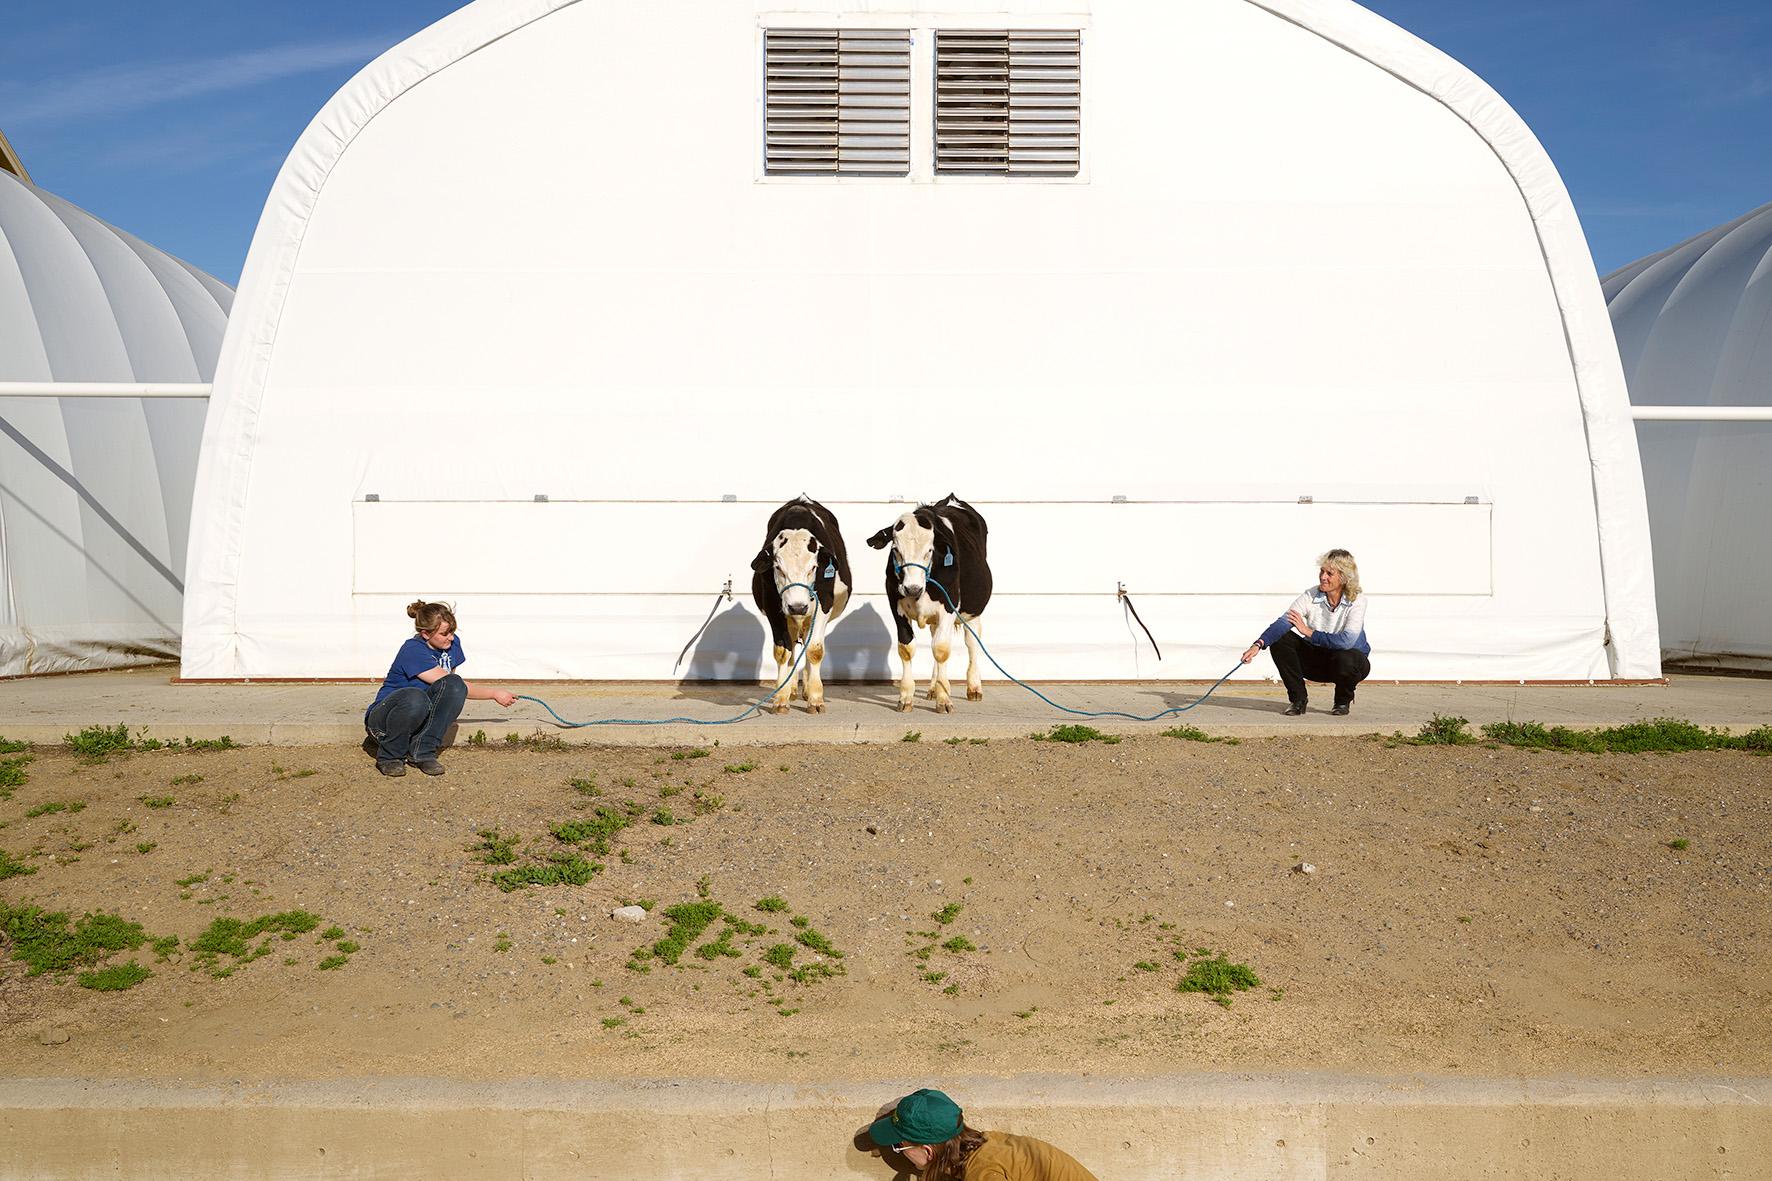 Die Bullen posieren an der Leine für ein Foto